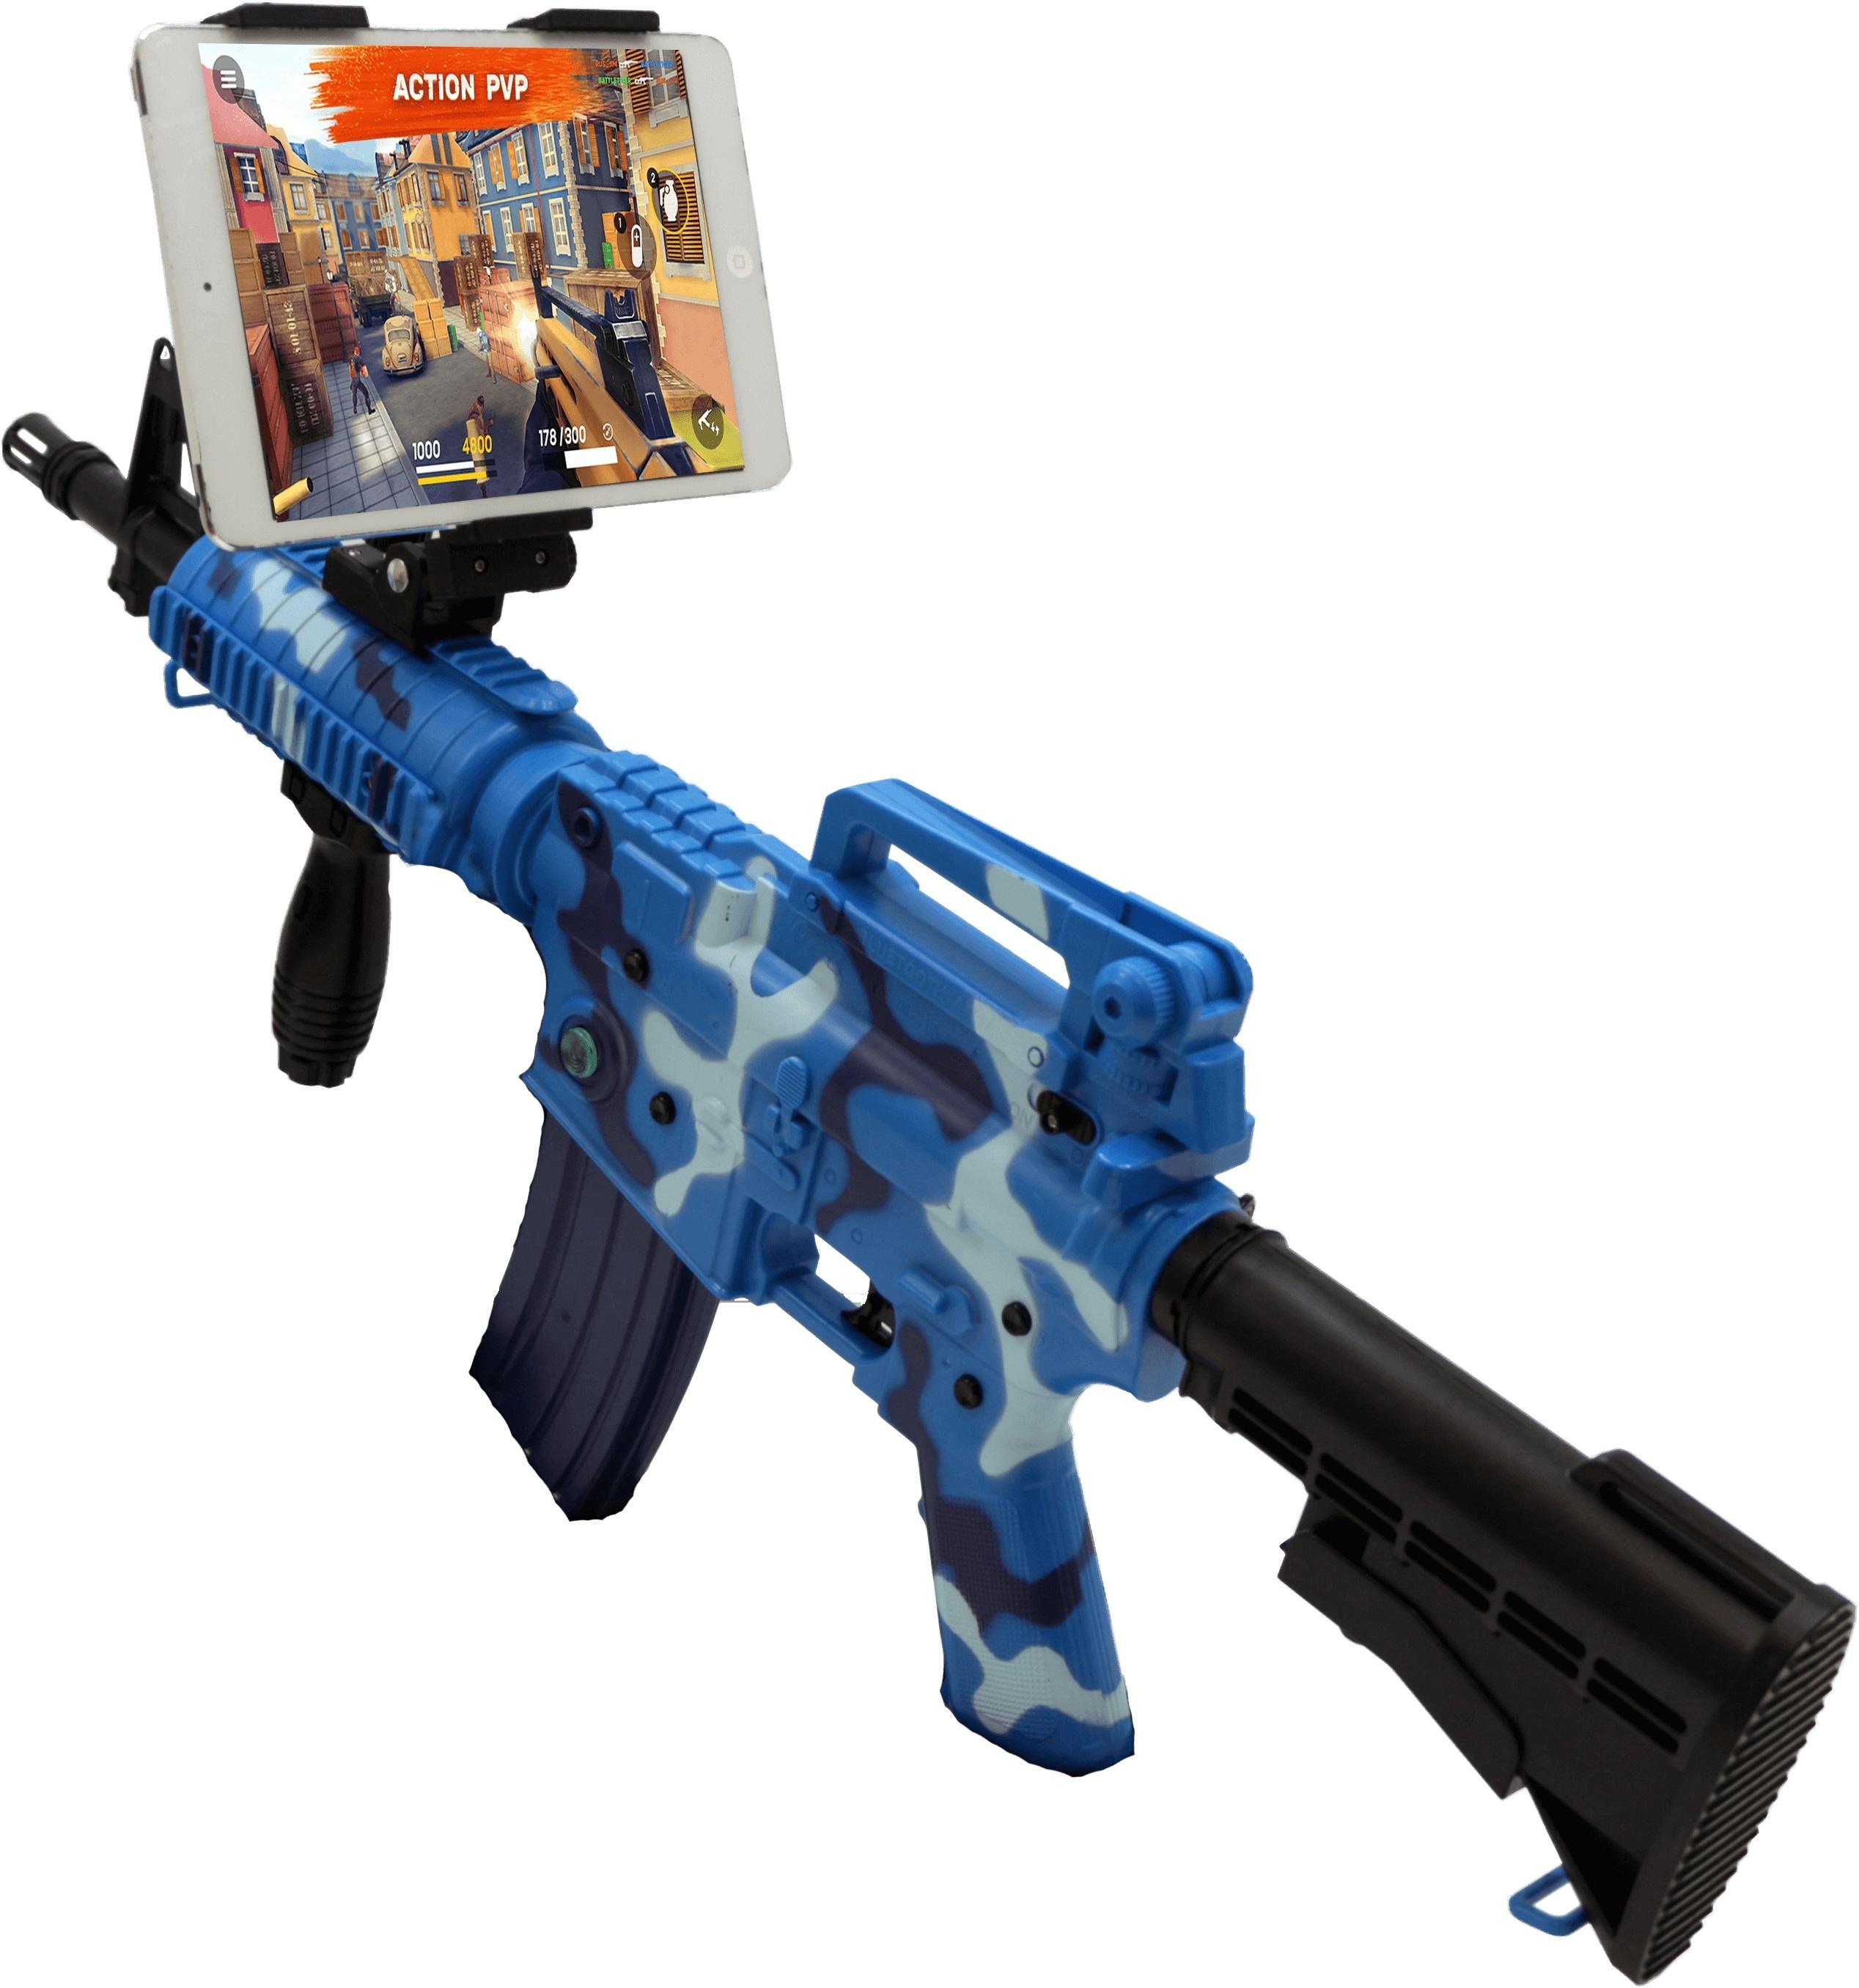 Intelligent ar gun AR47-1 Camouflage blue гладкоствольные карабины на базе автомата калашникова в украине цена